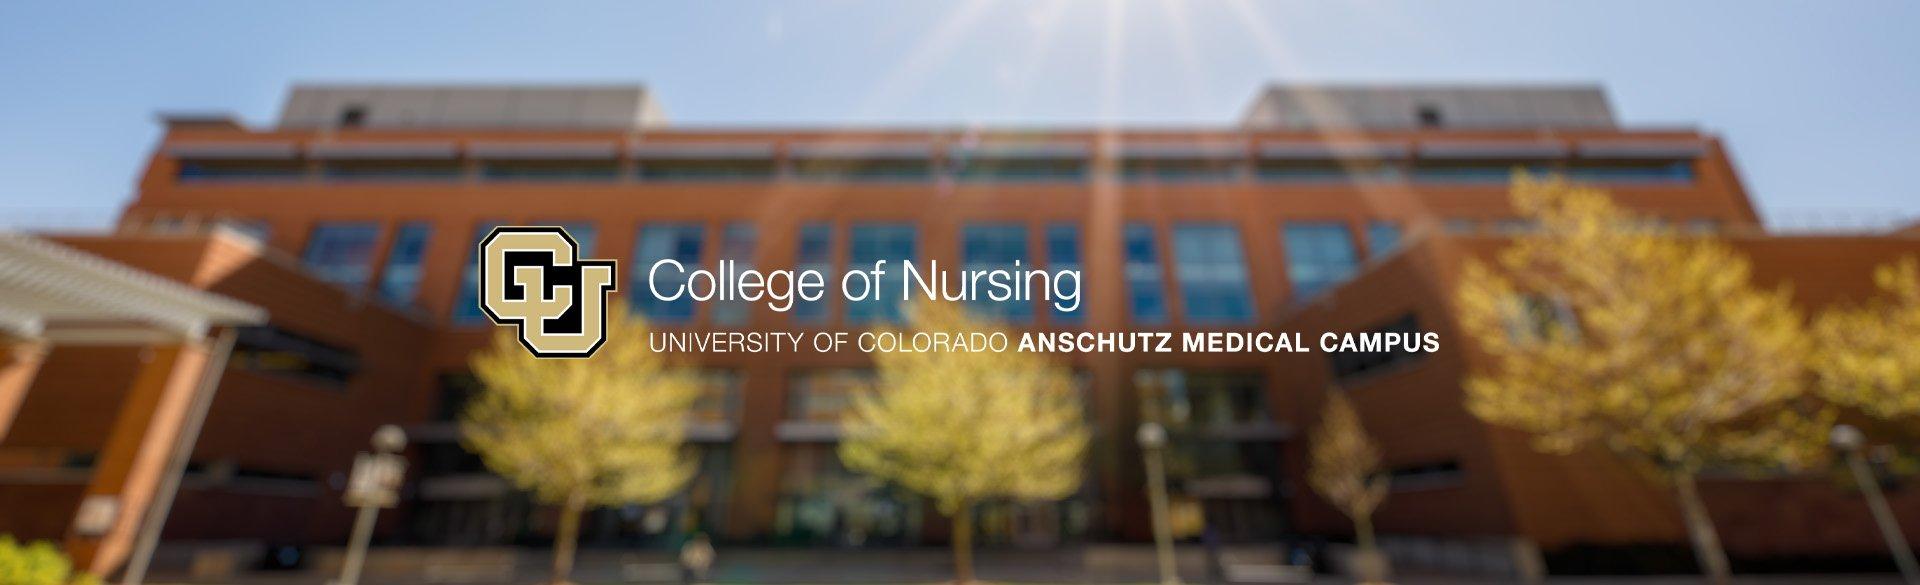 CU College of Nursing